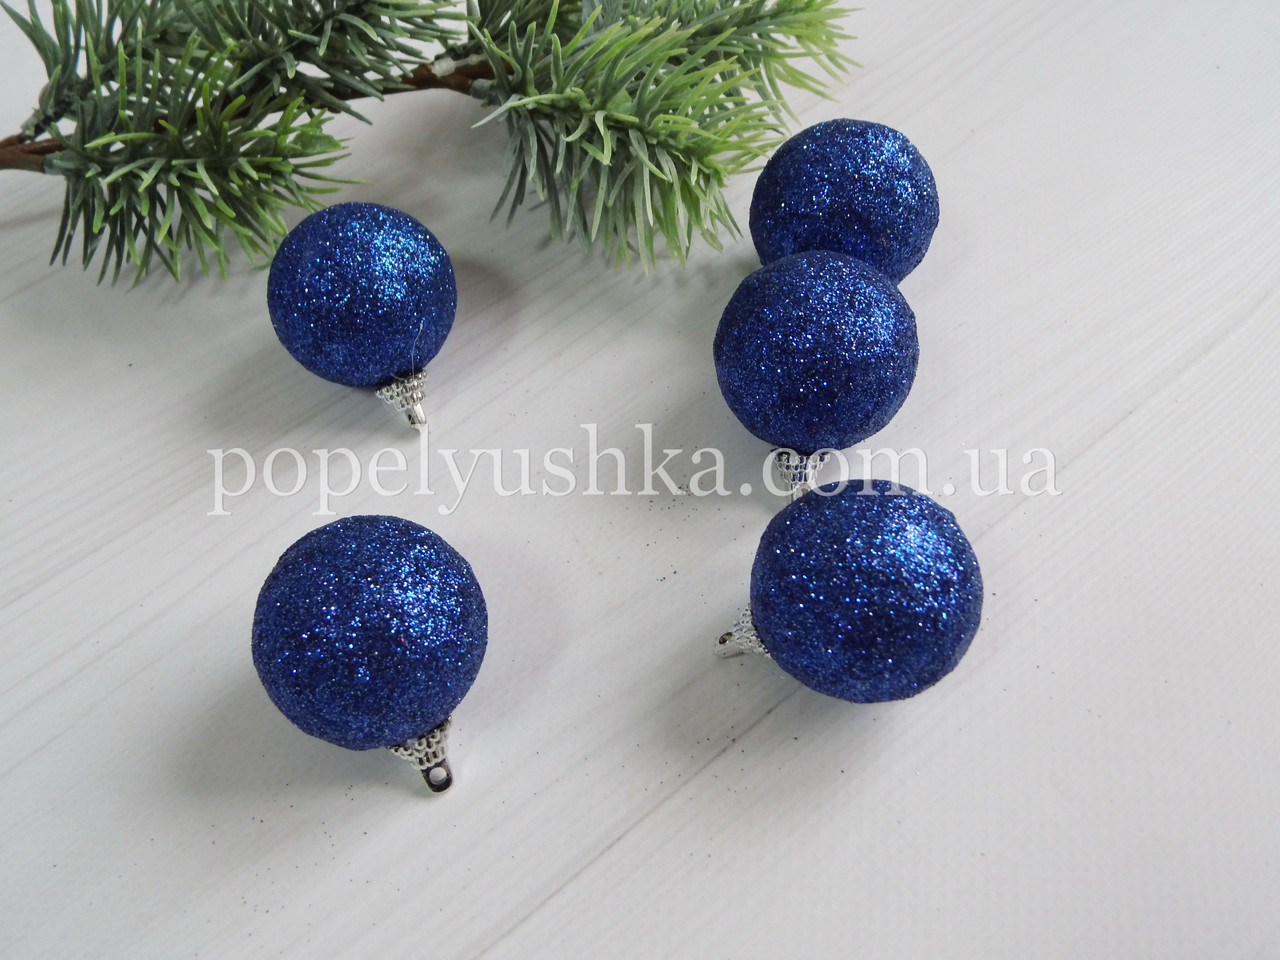 Шарик новогодний в Глиттере 4 см синий